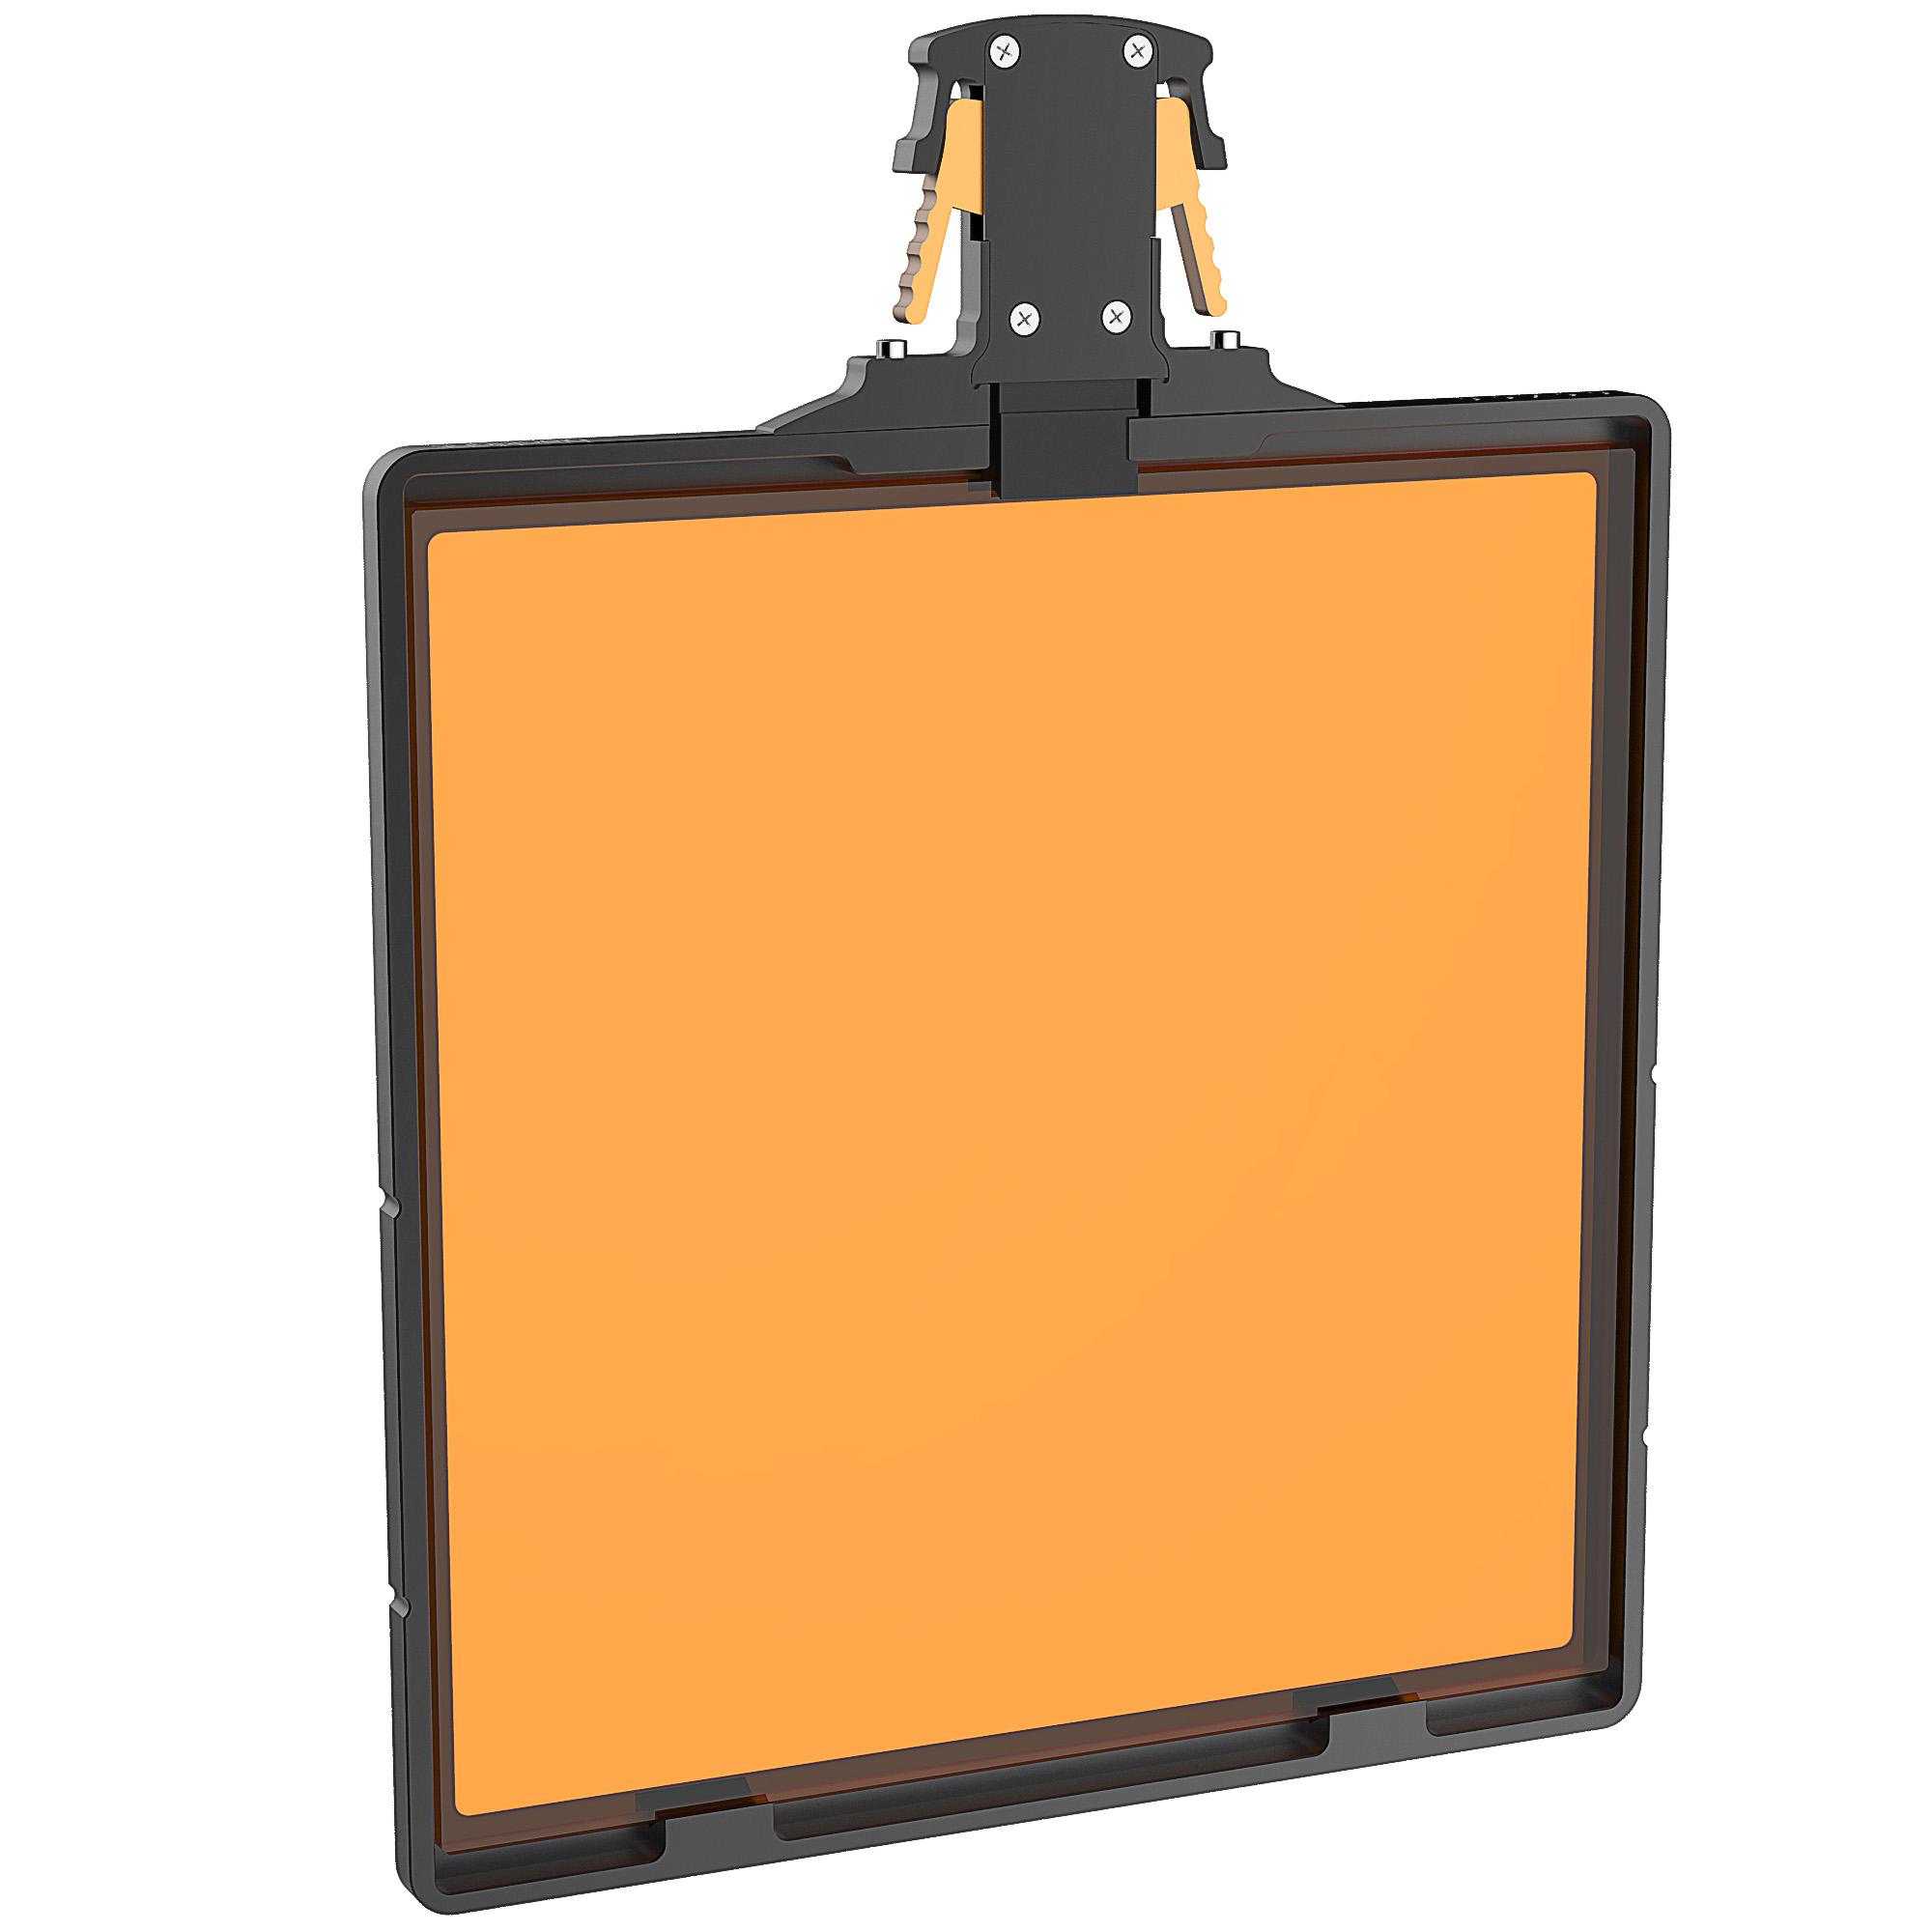 B1251.0032 Blacklight 6.6 Gripper Tray 2